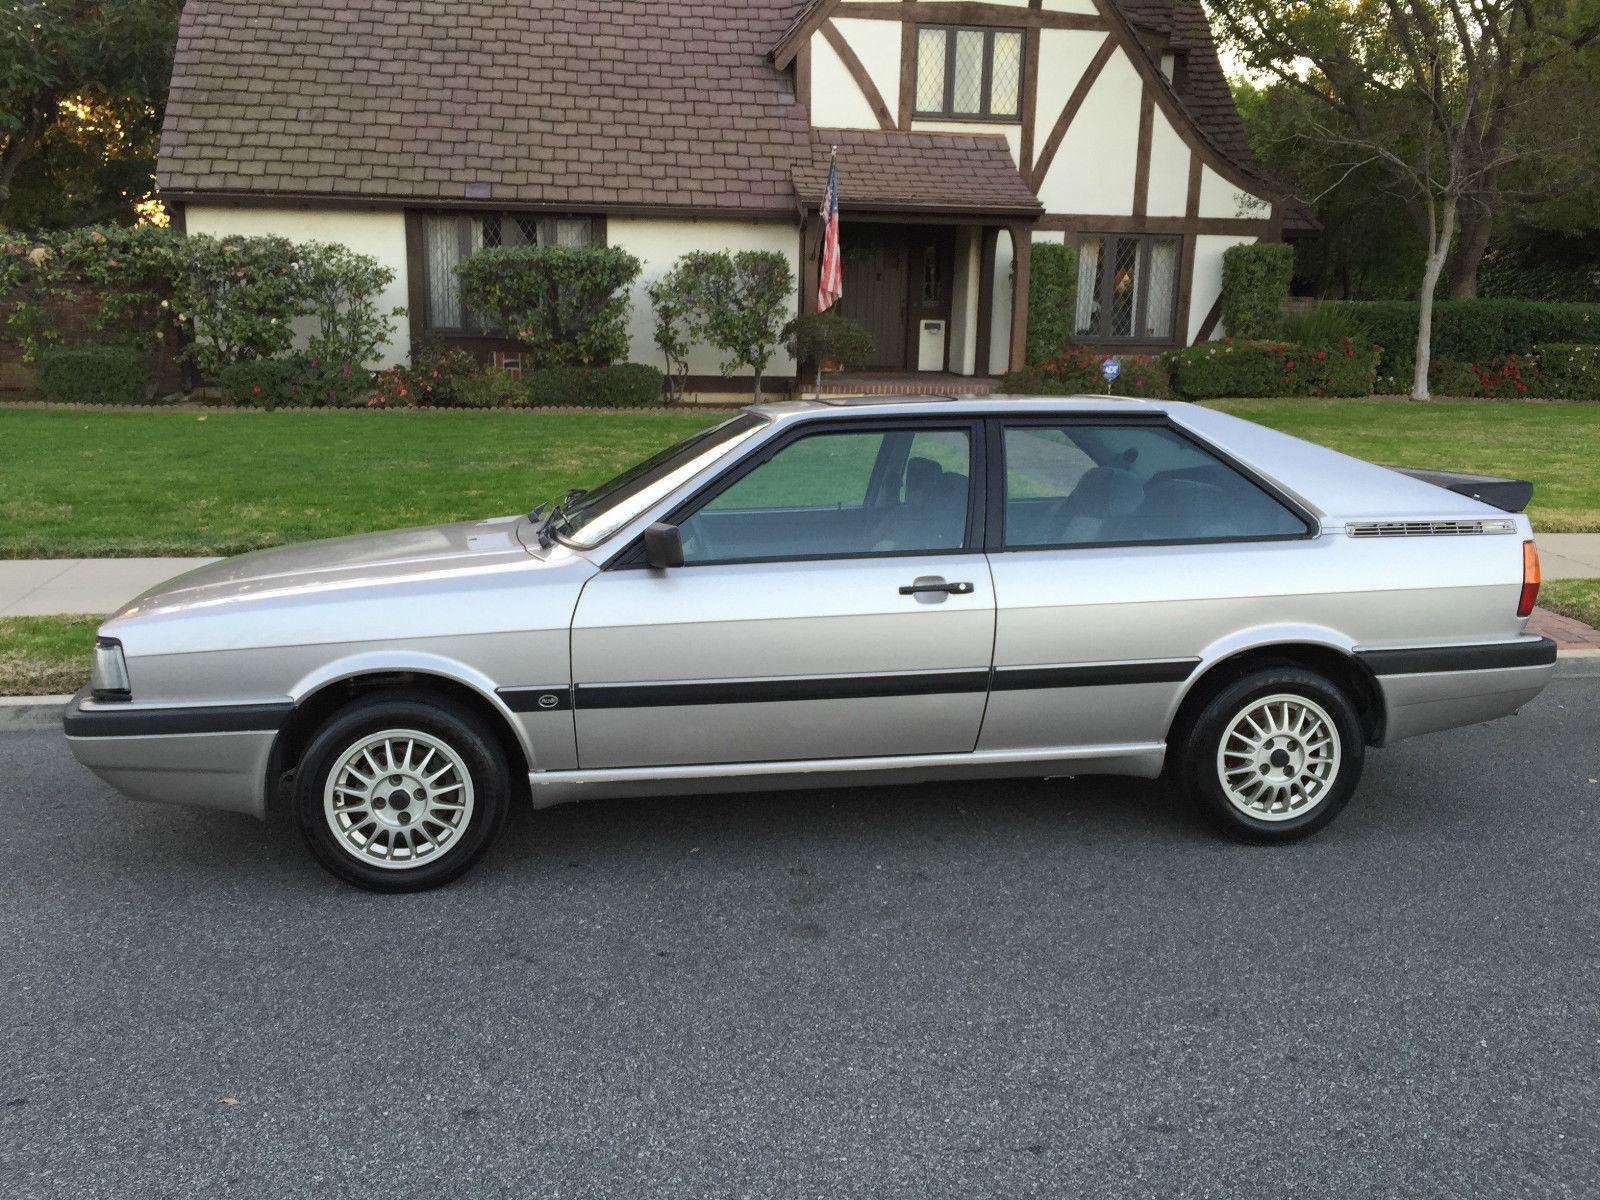 Audi Coupe GT 1985 classiccarsdb  com Rda34839ce10f5d785915591b50ad12da